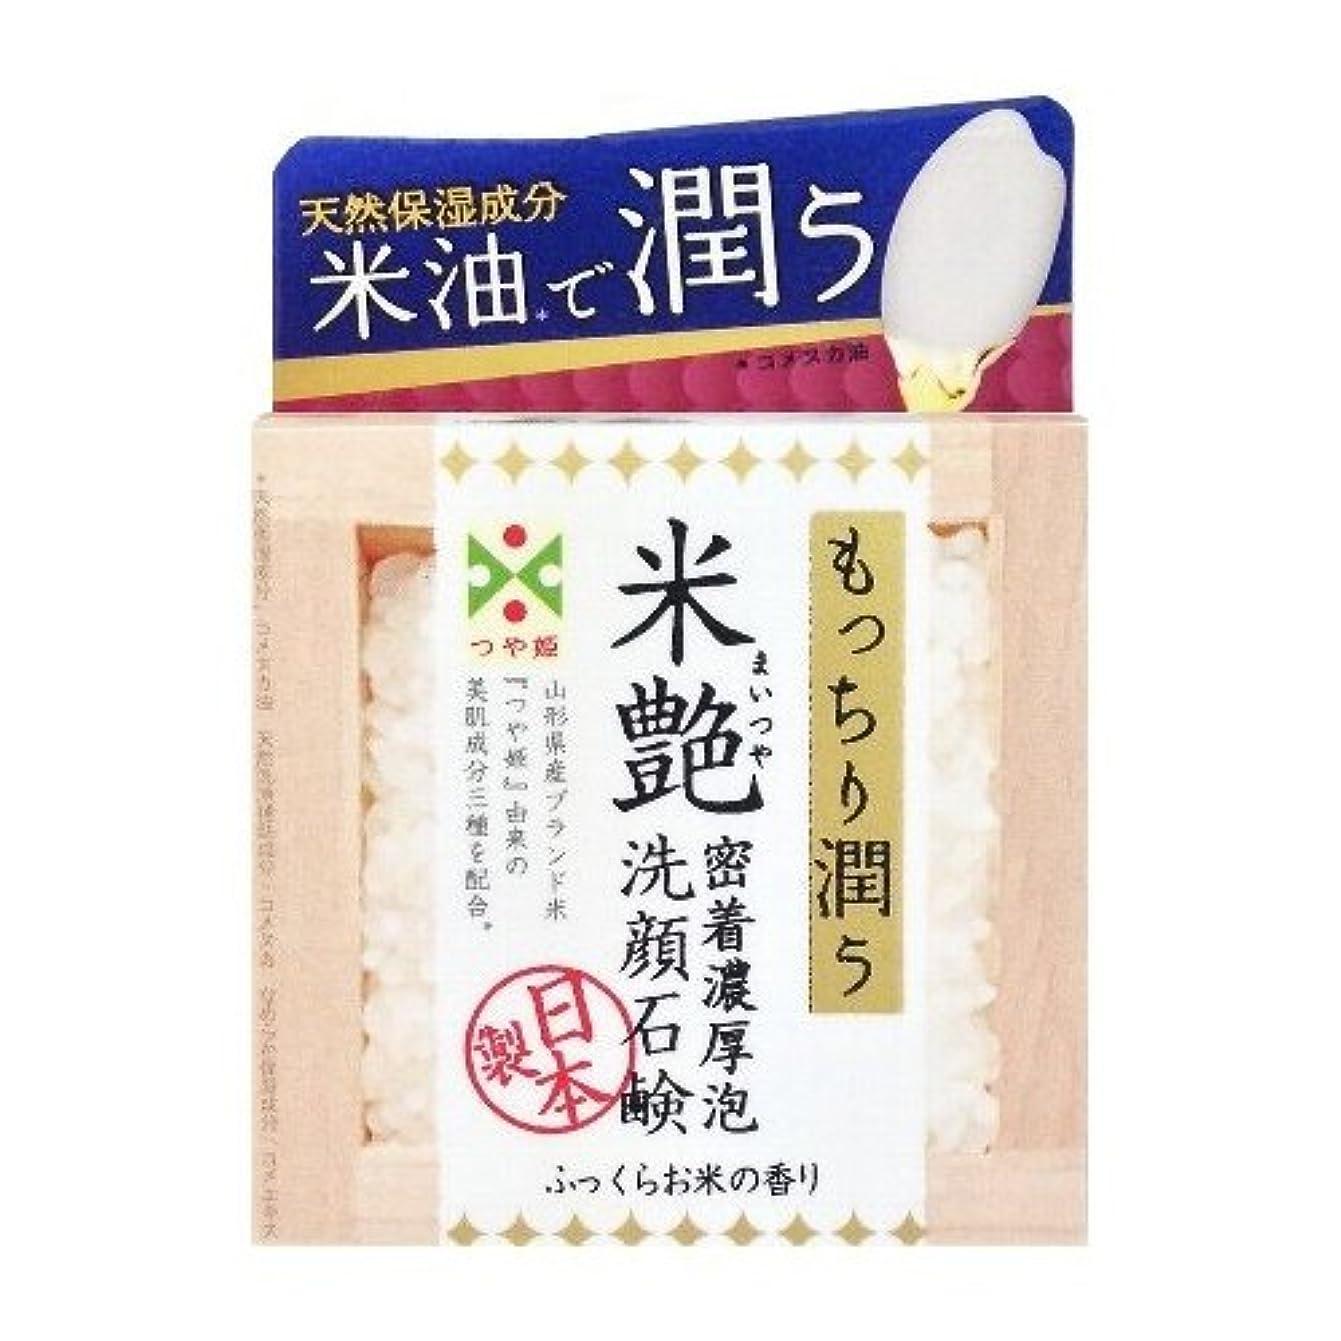 アソシエイトながら接尾辞ペリカン石鹸 米艶洗顔石鹸 100g